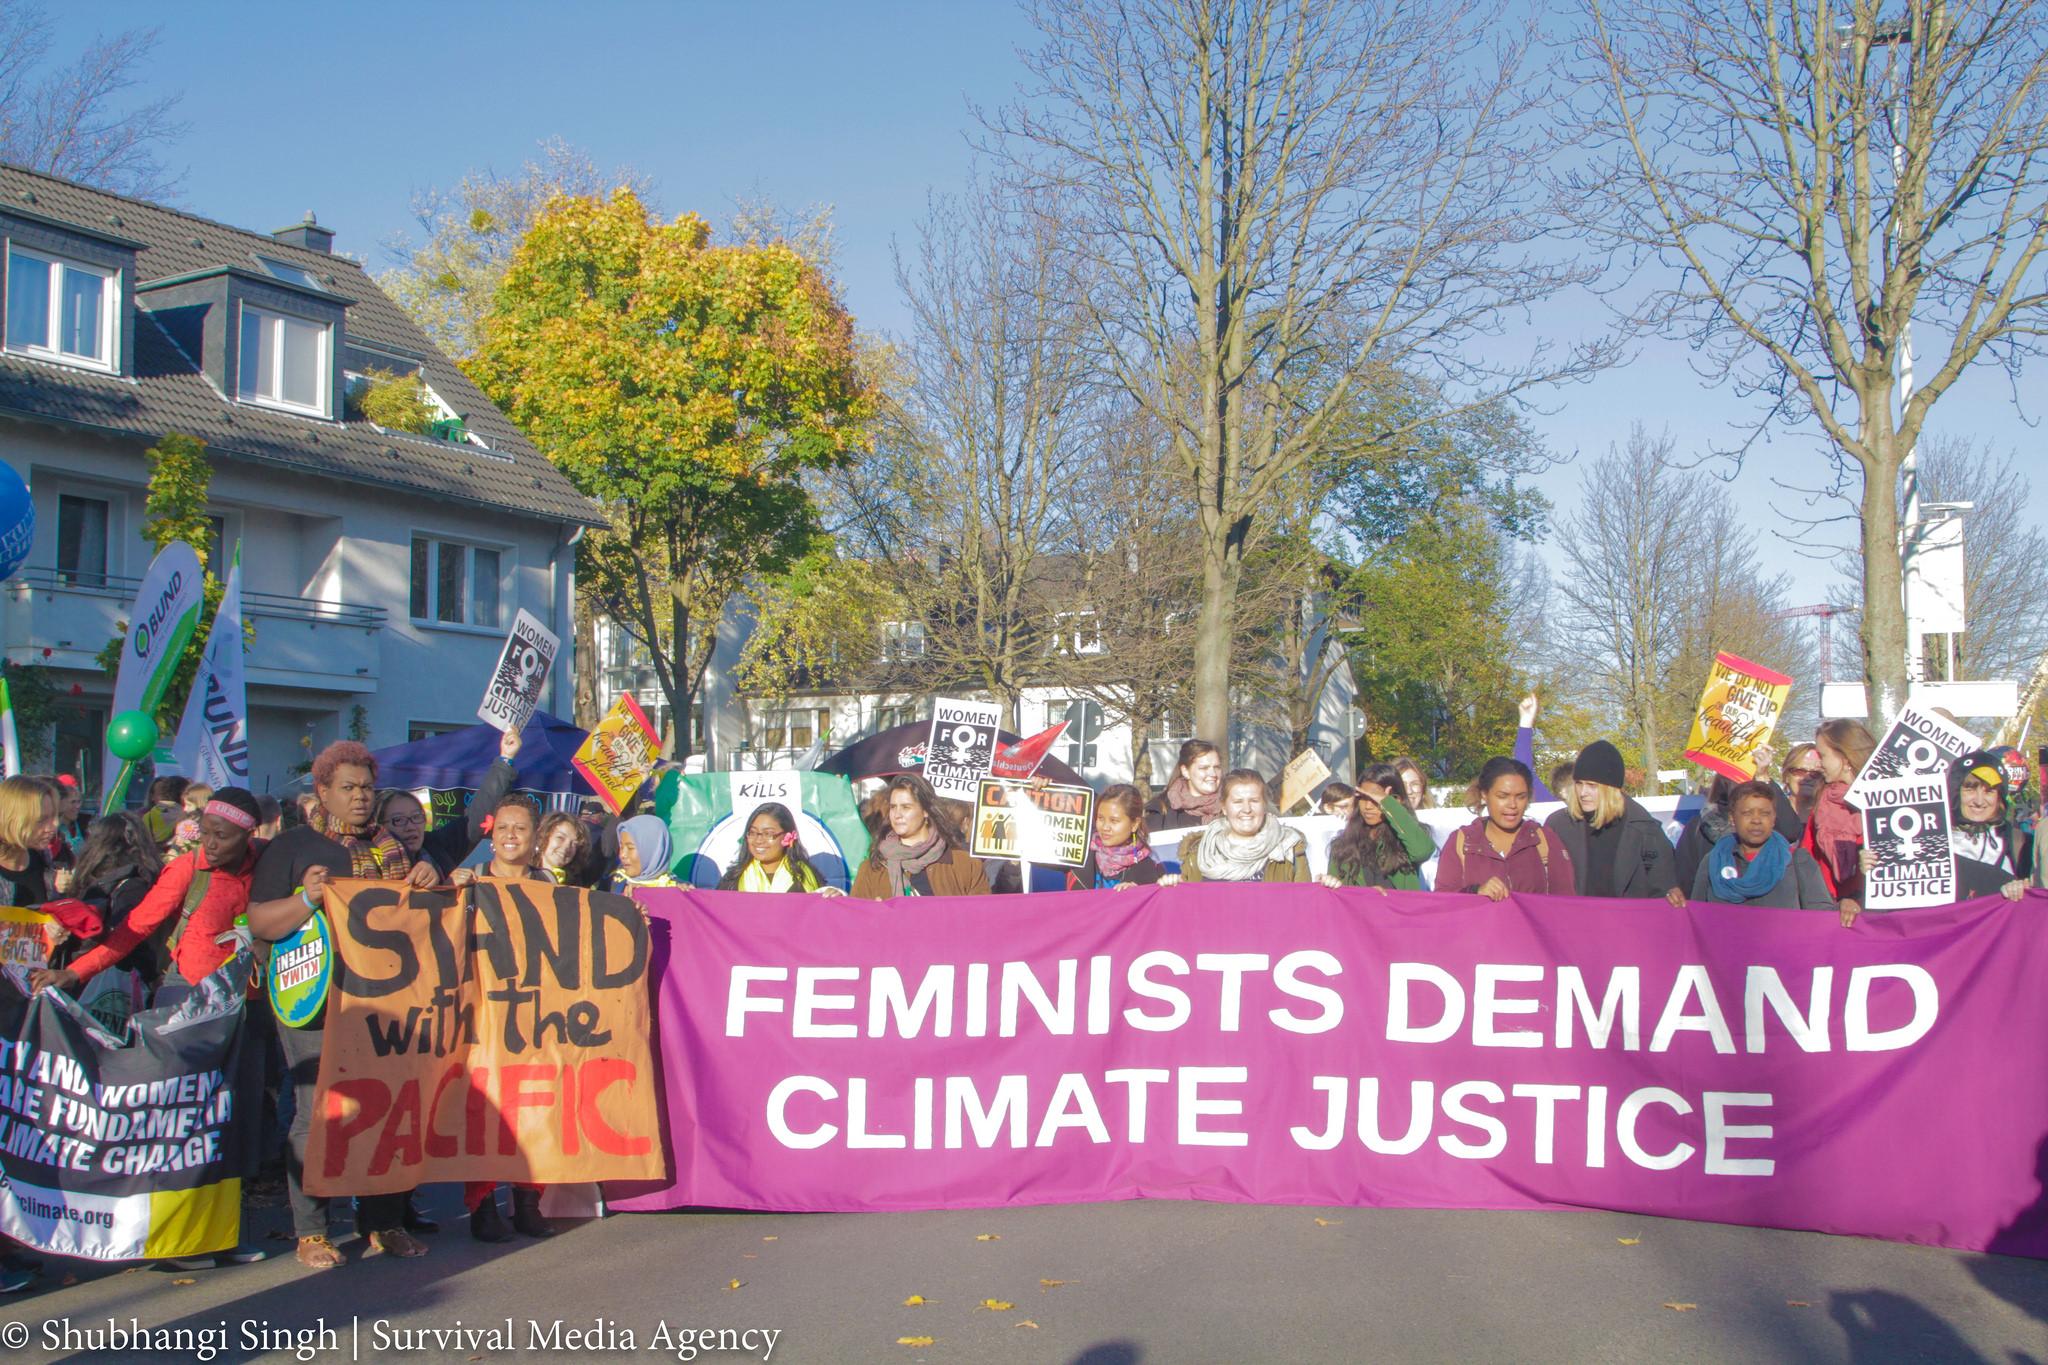 L' égalité entre hommes et femmes pour la justice climatique